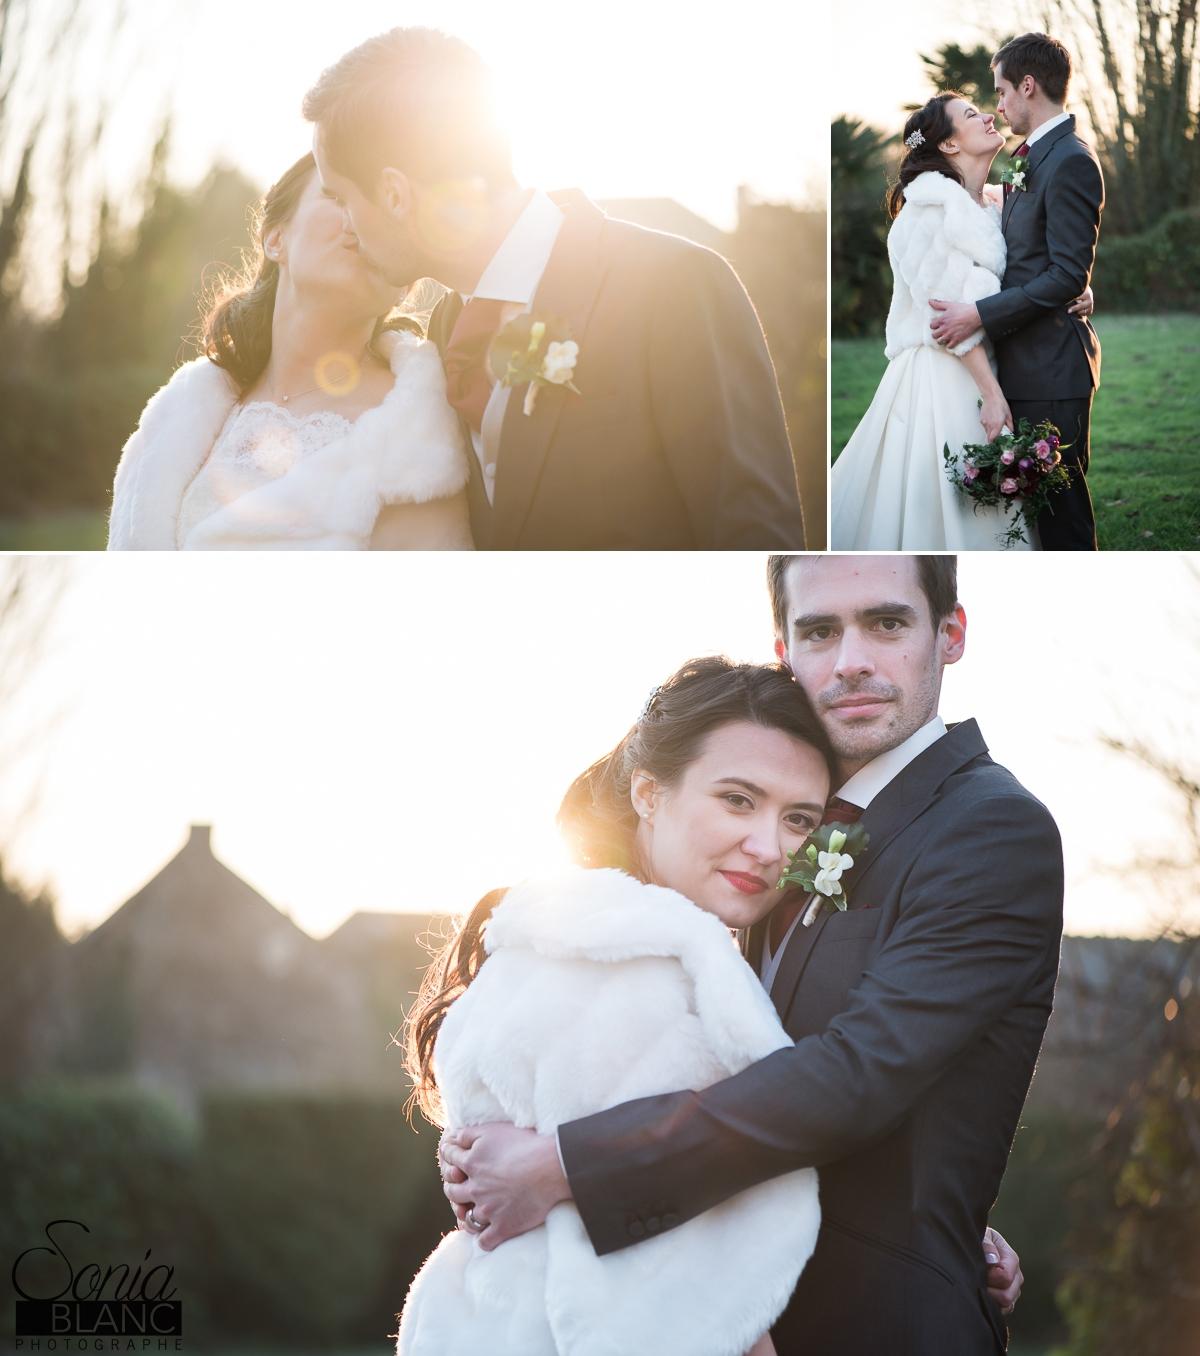 95 - photo de couple - mariage à rennes - Bretagne - manoir de la begaudiere - sonia blanc photographe